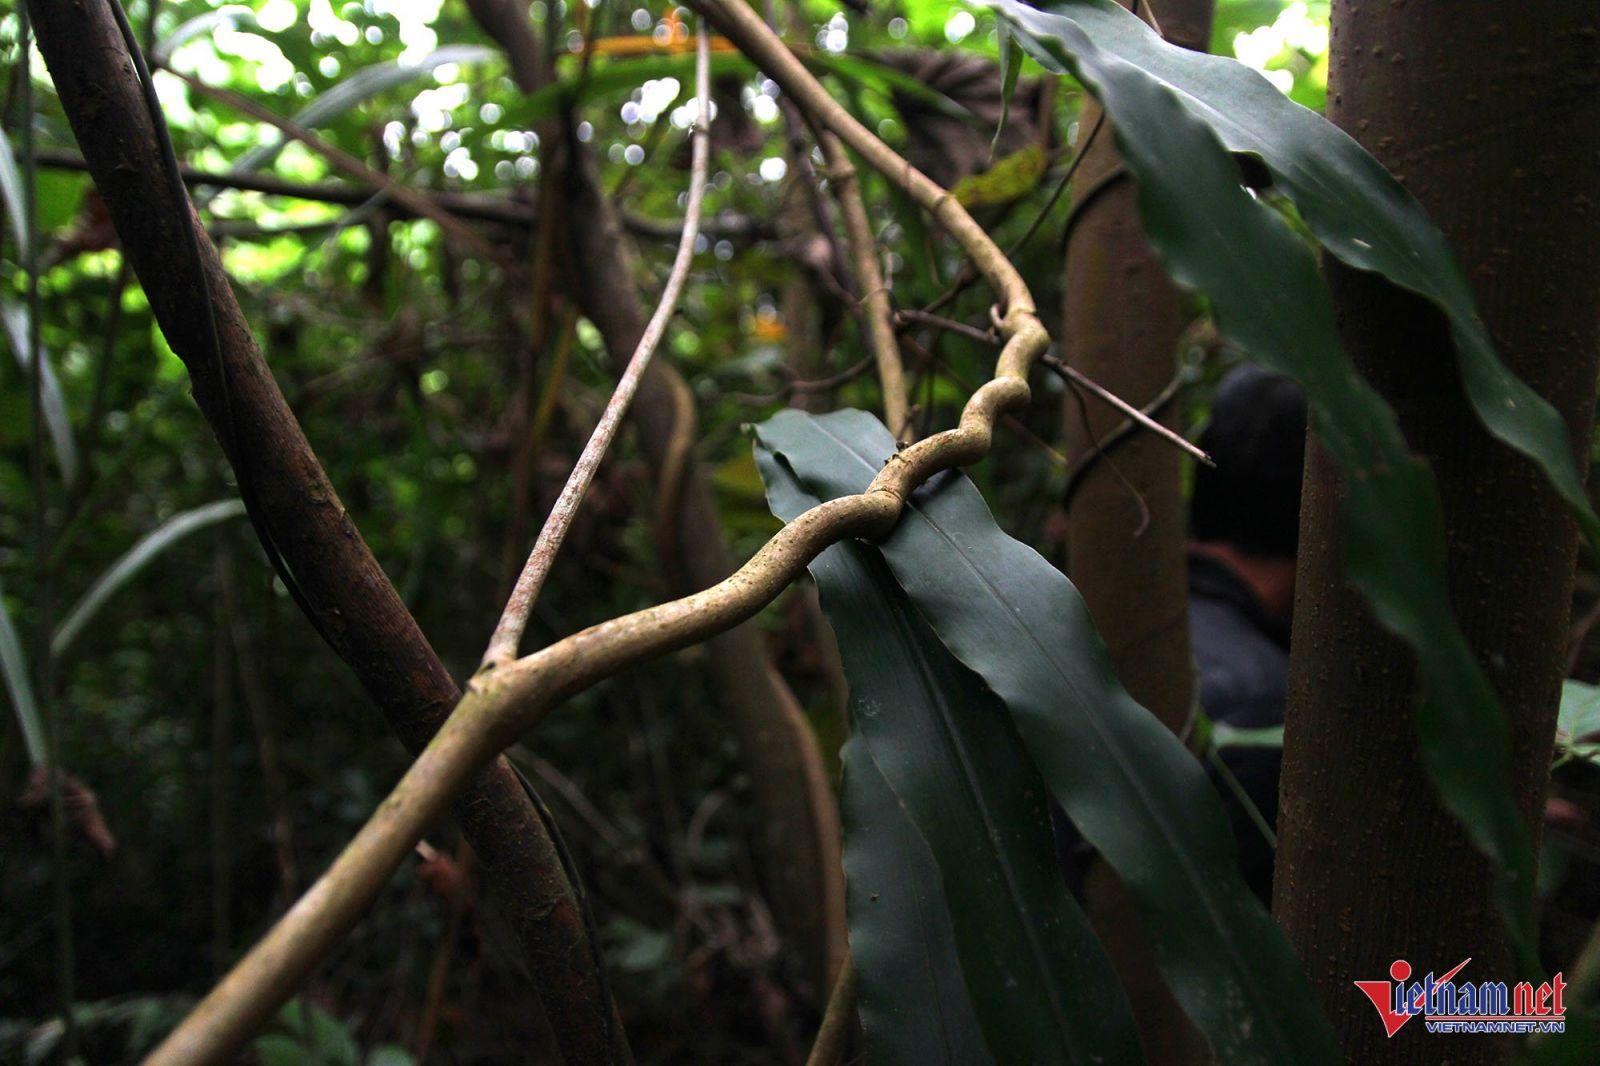 Thân cây nhượng nằm ẩn khuất sau những tán cây rậm rạp